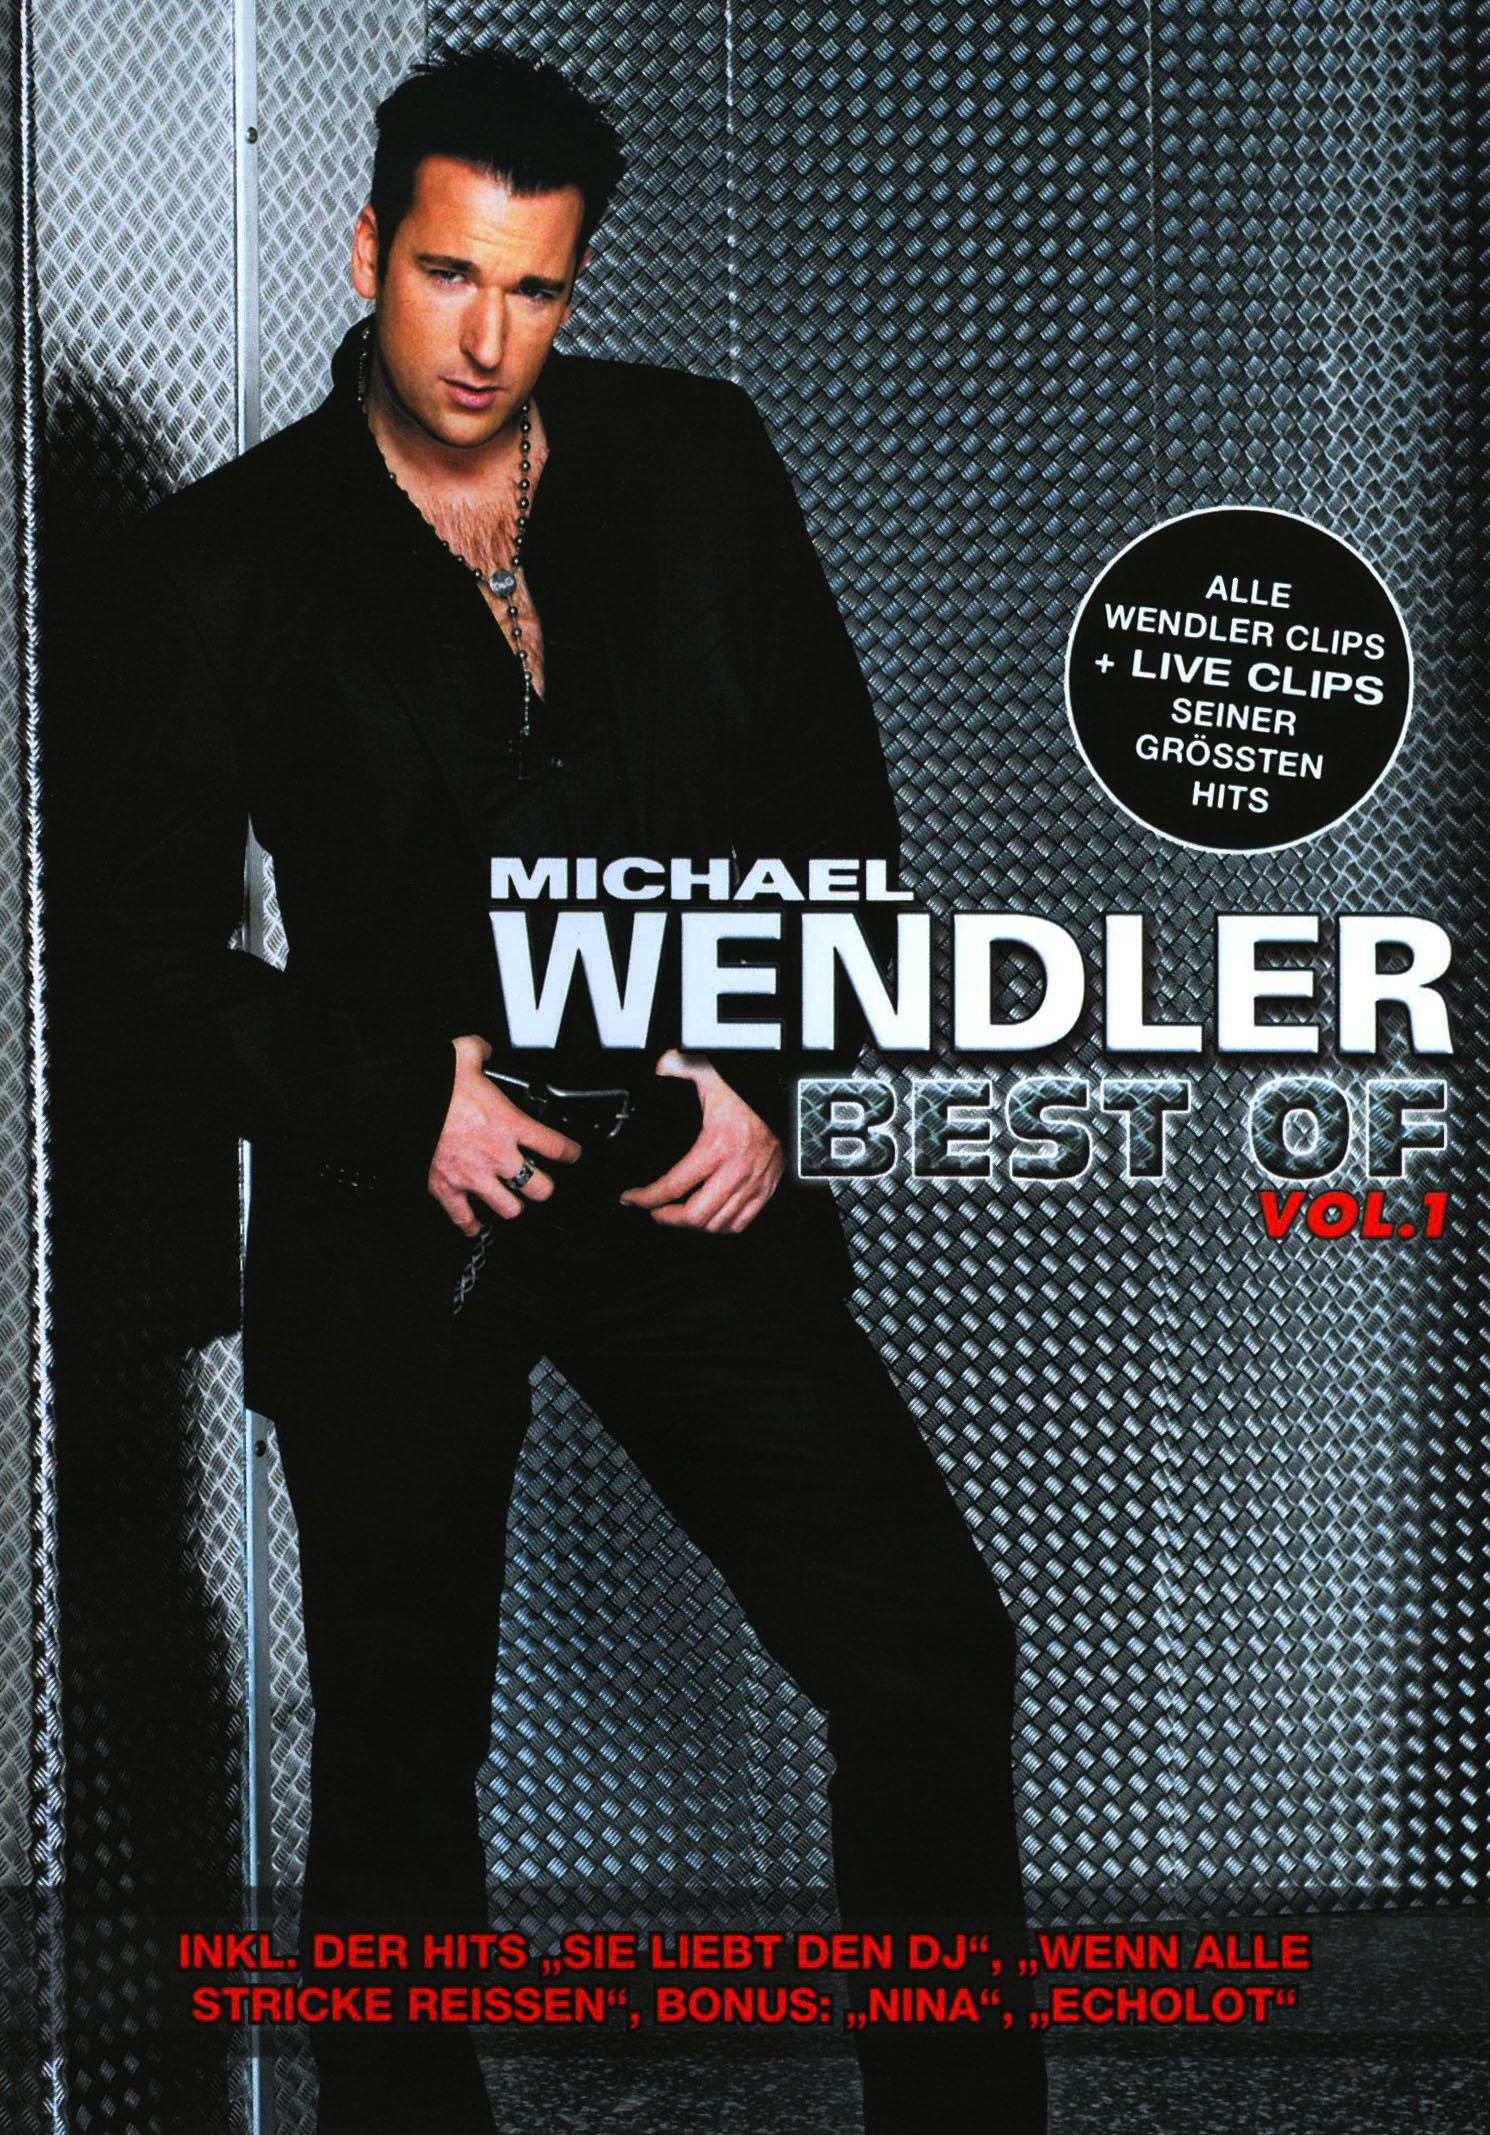 Michael Wendler: Best of Live - Kopi-Arena Oberhausen 2007